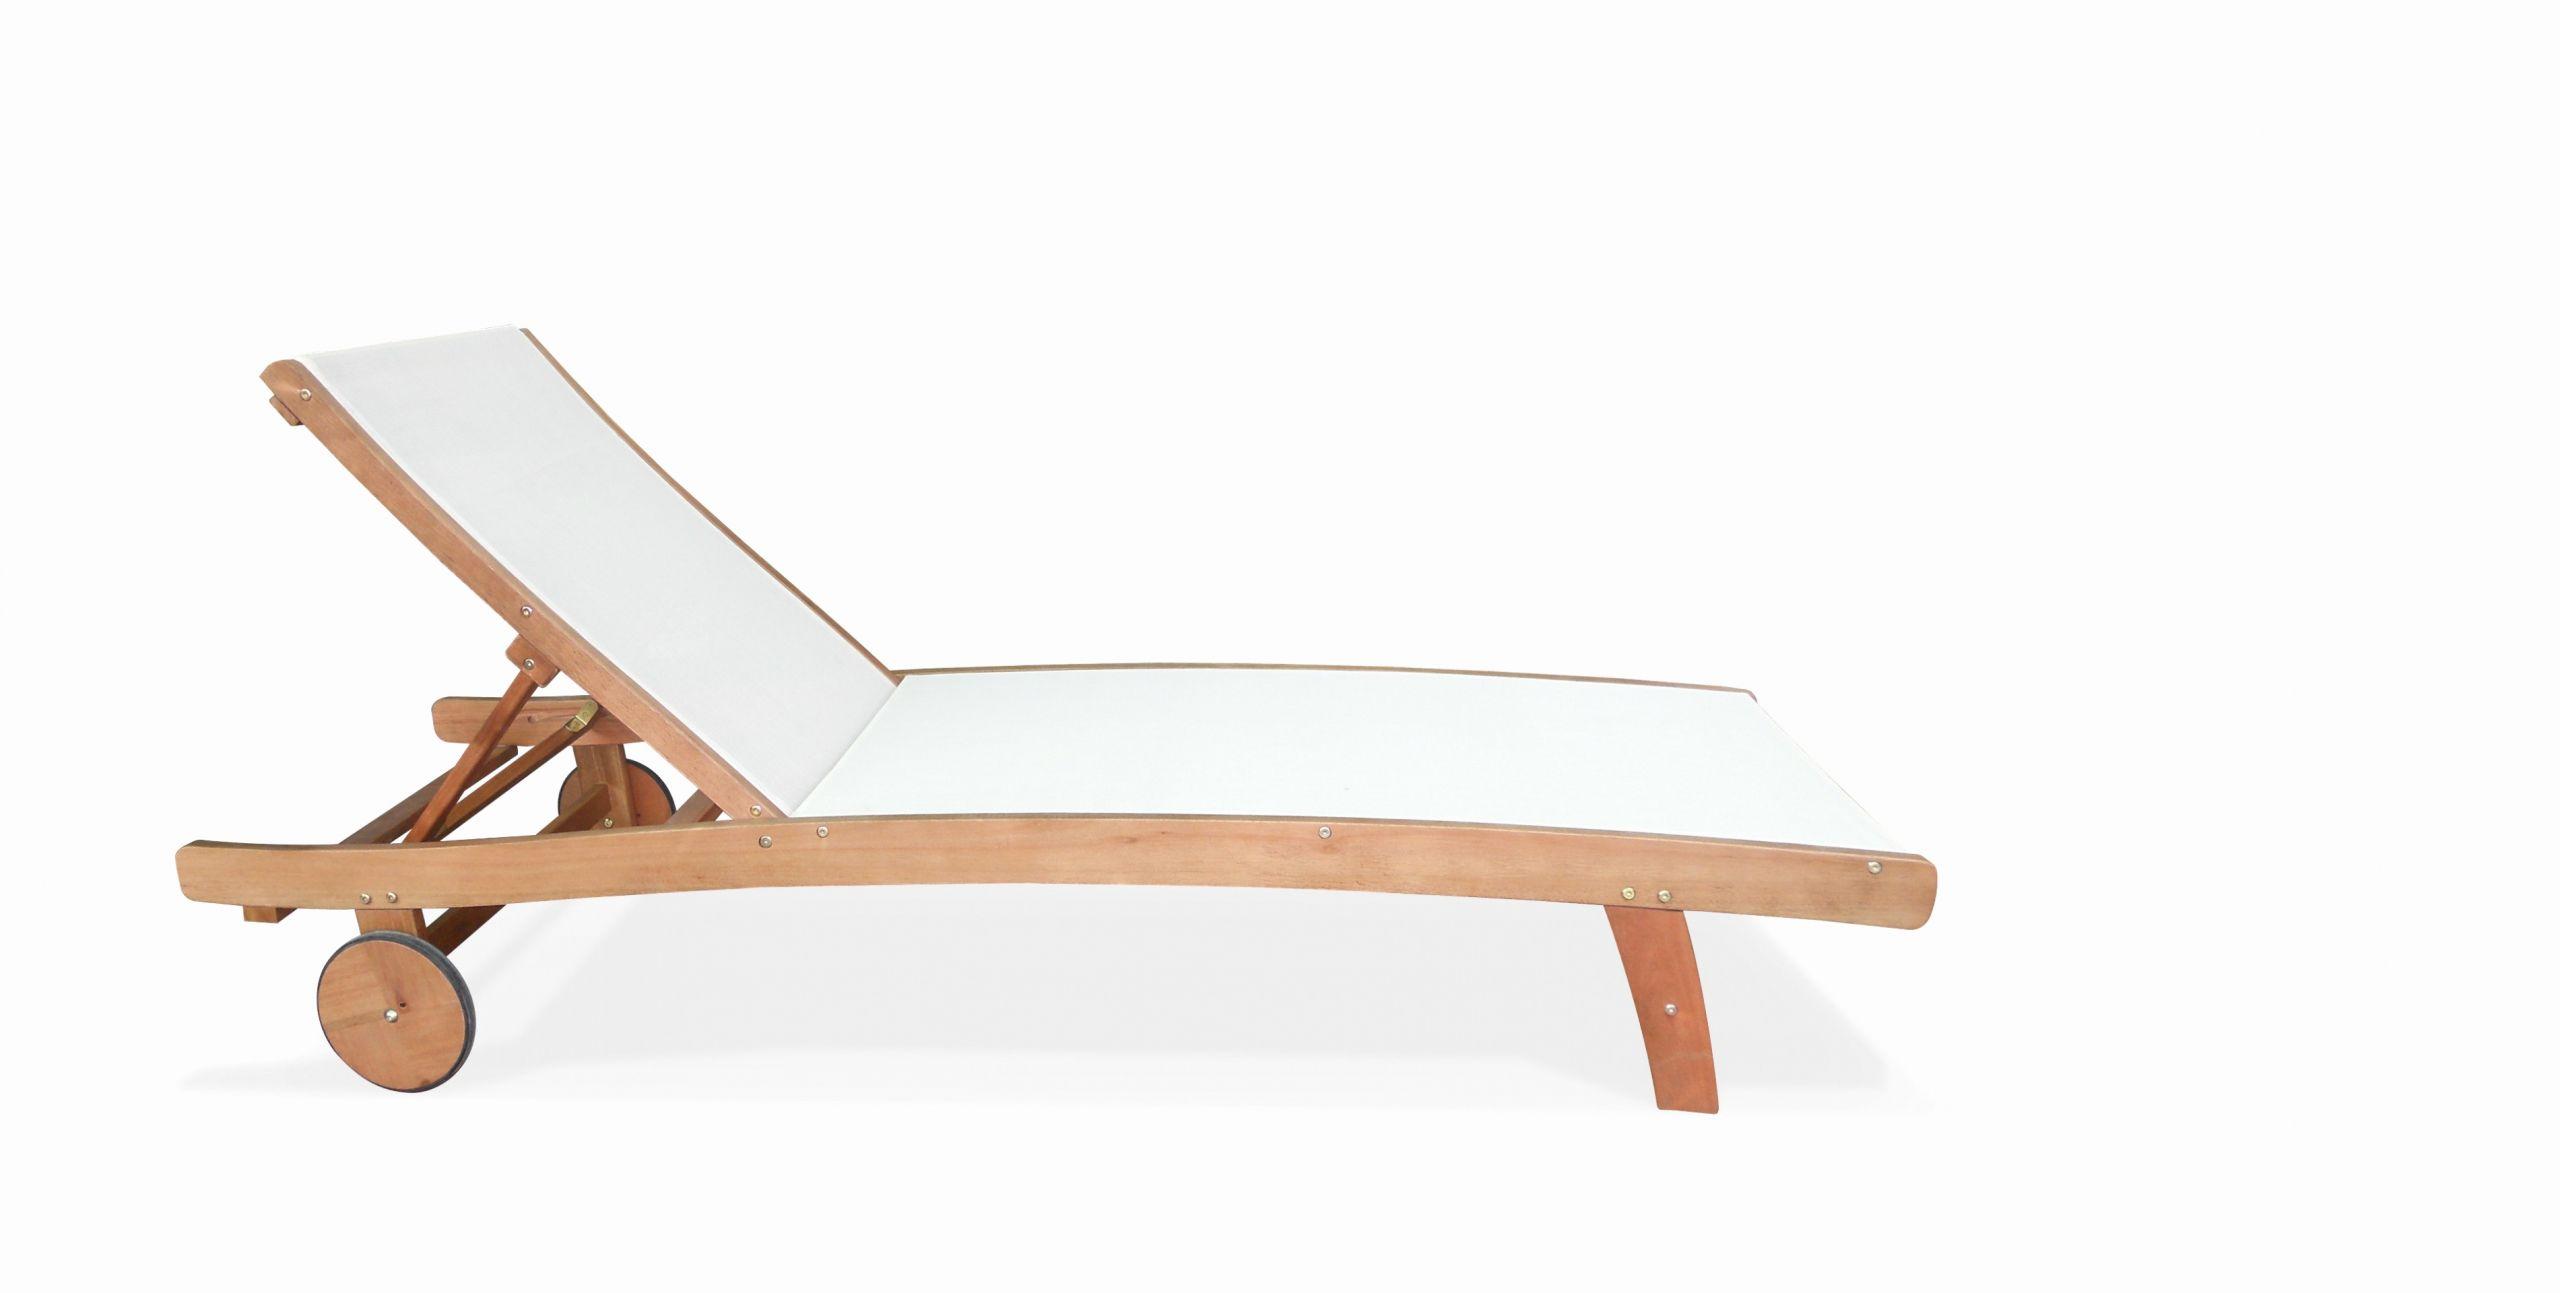 chaise longue jardin bois unique salon de jardin vidaxl luxe chaise longue jardin onico de chaise longue jardin bois scaled